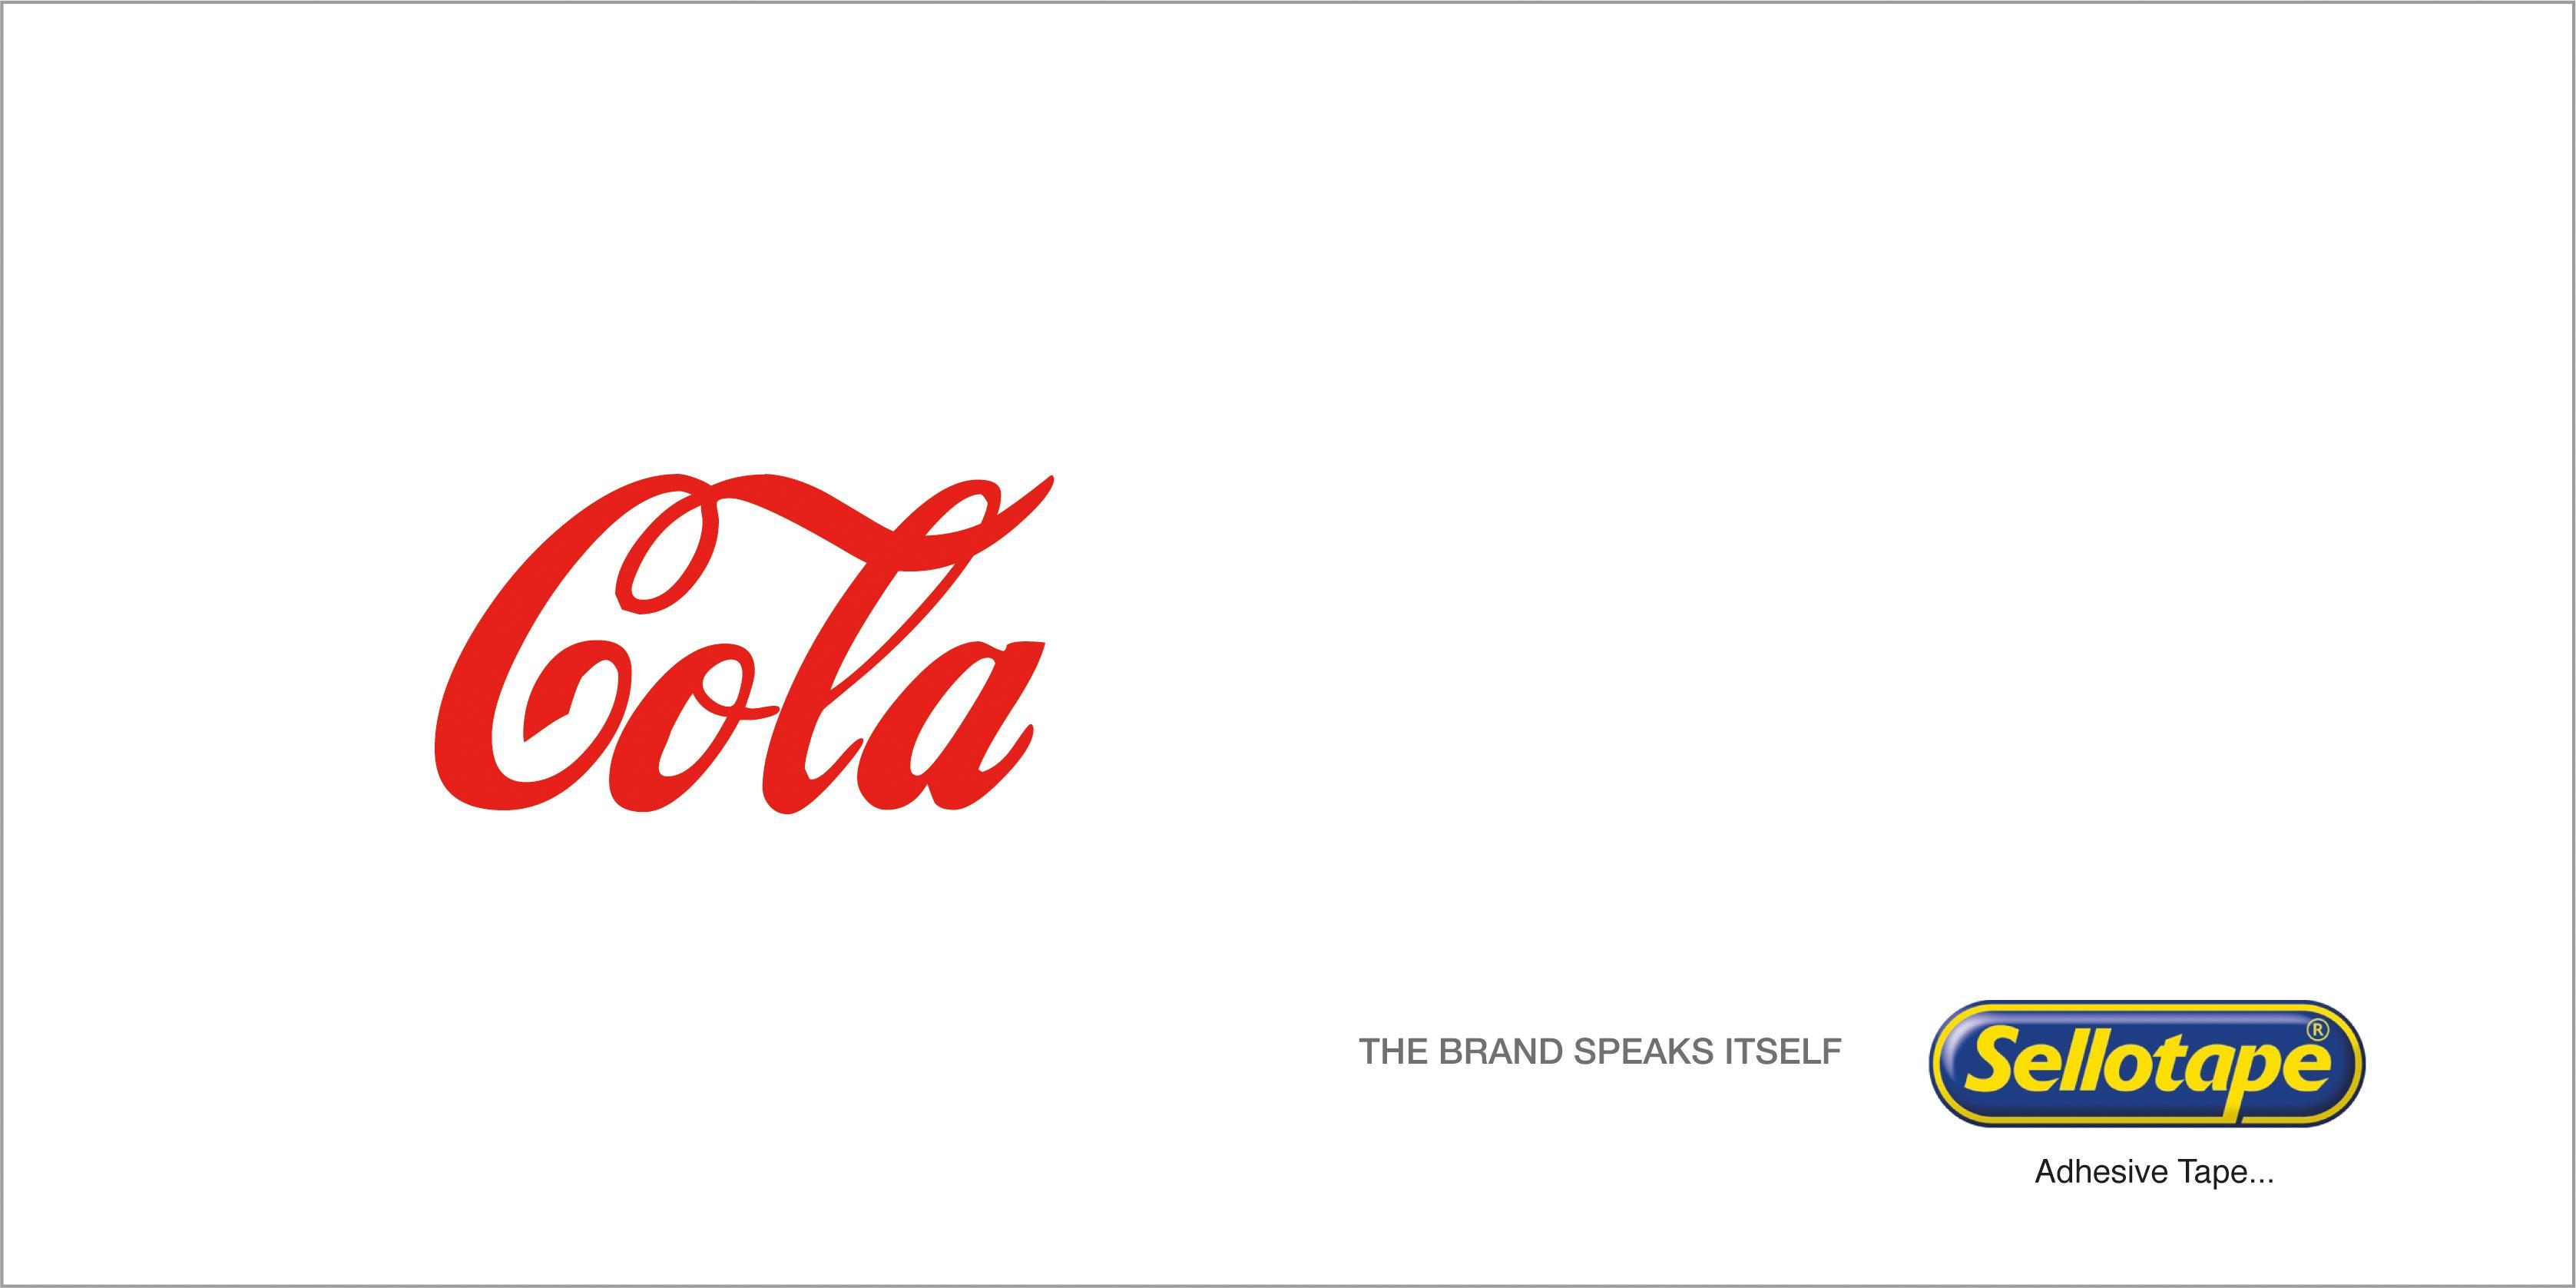 Sellotape Print Ad - Cola